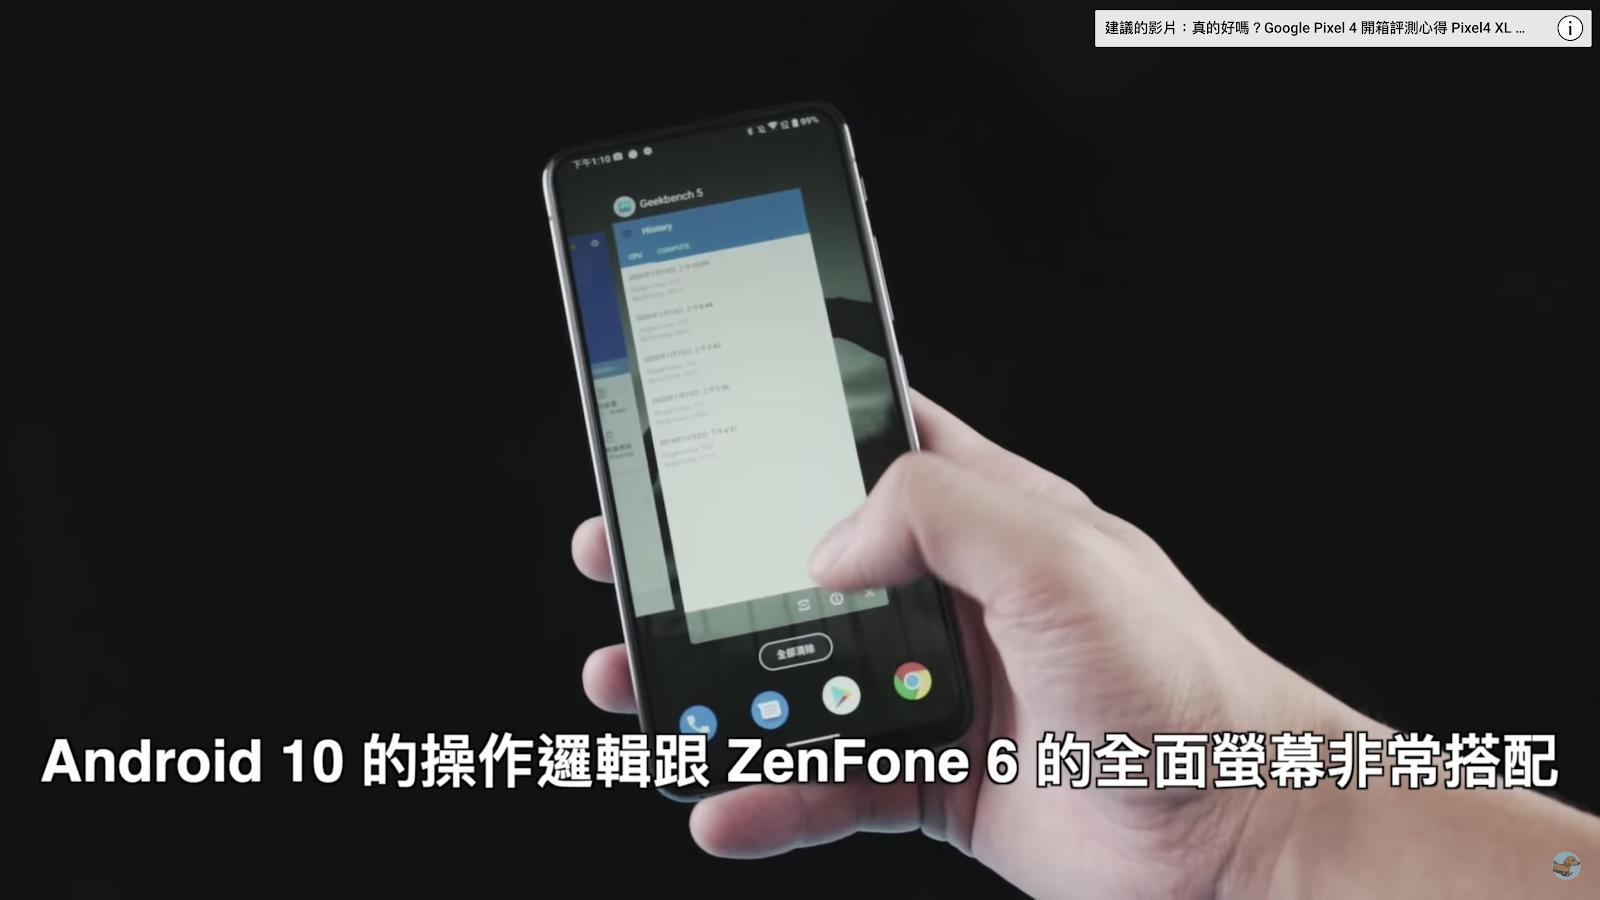 ZenFone 6 使用六個月心得 - 5